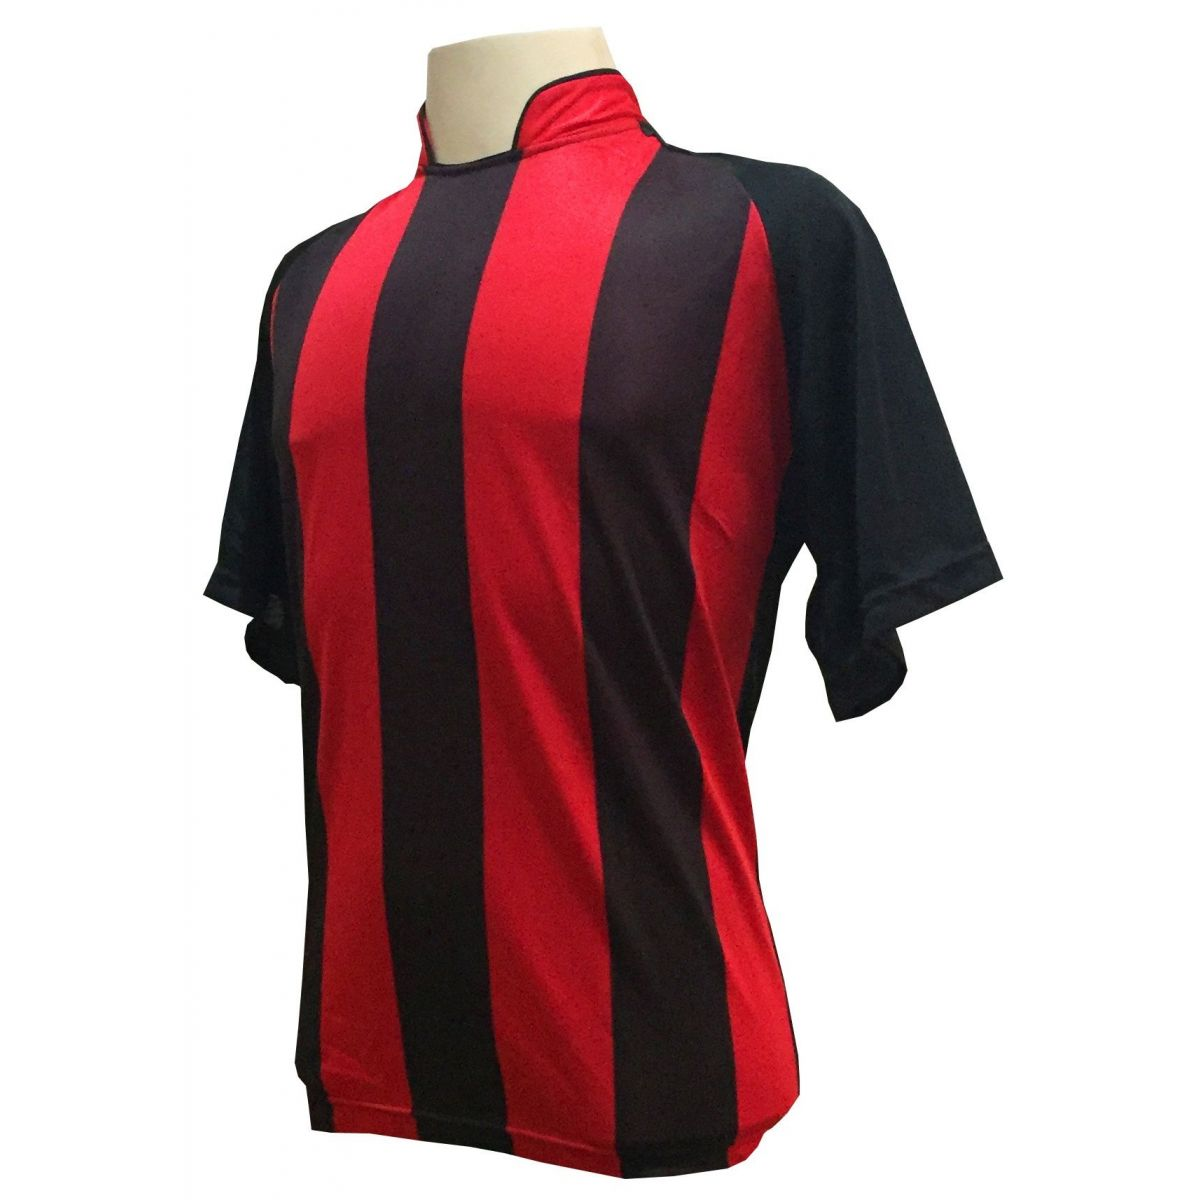 Uniforme Esportivo com 18 camisas modelo Milan Preto/Vermelho + 18 calções modelo Madrid + 1 Goleiro + Brindes